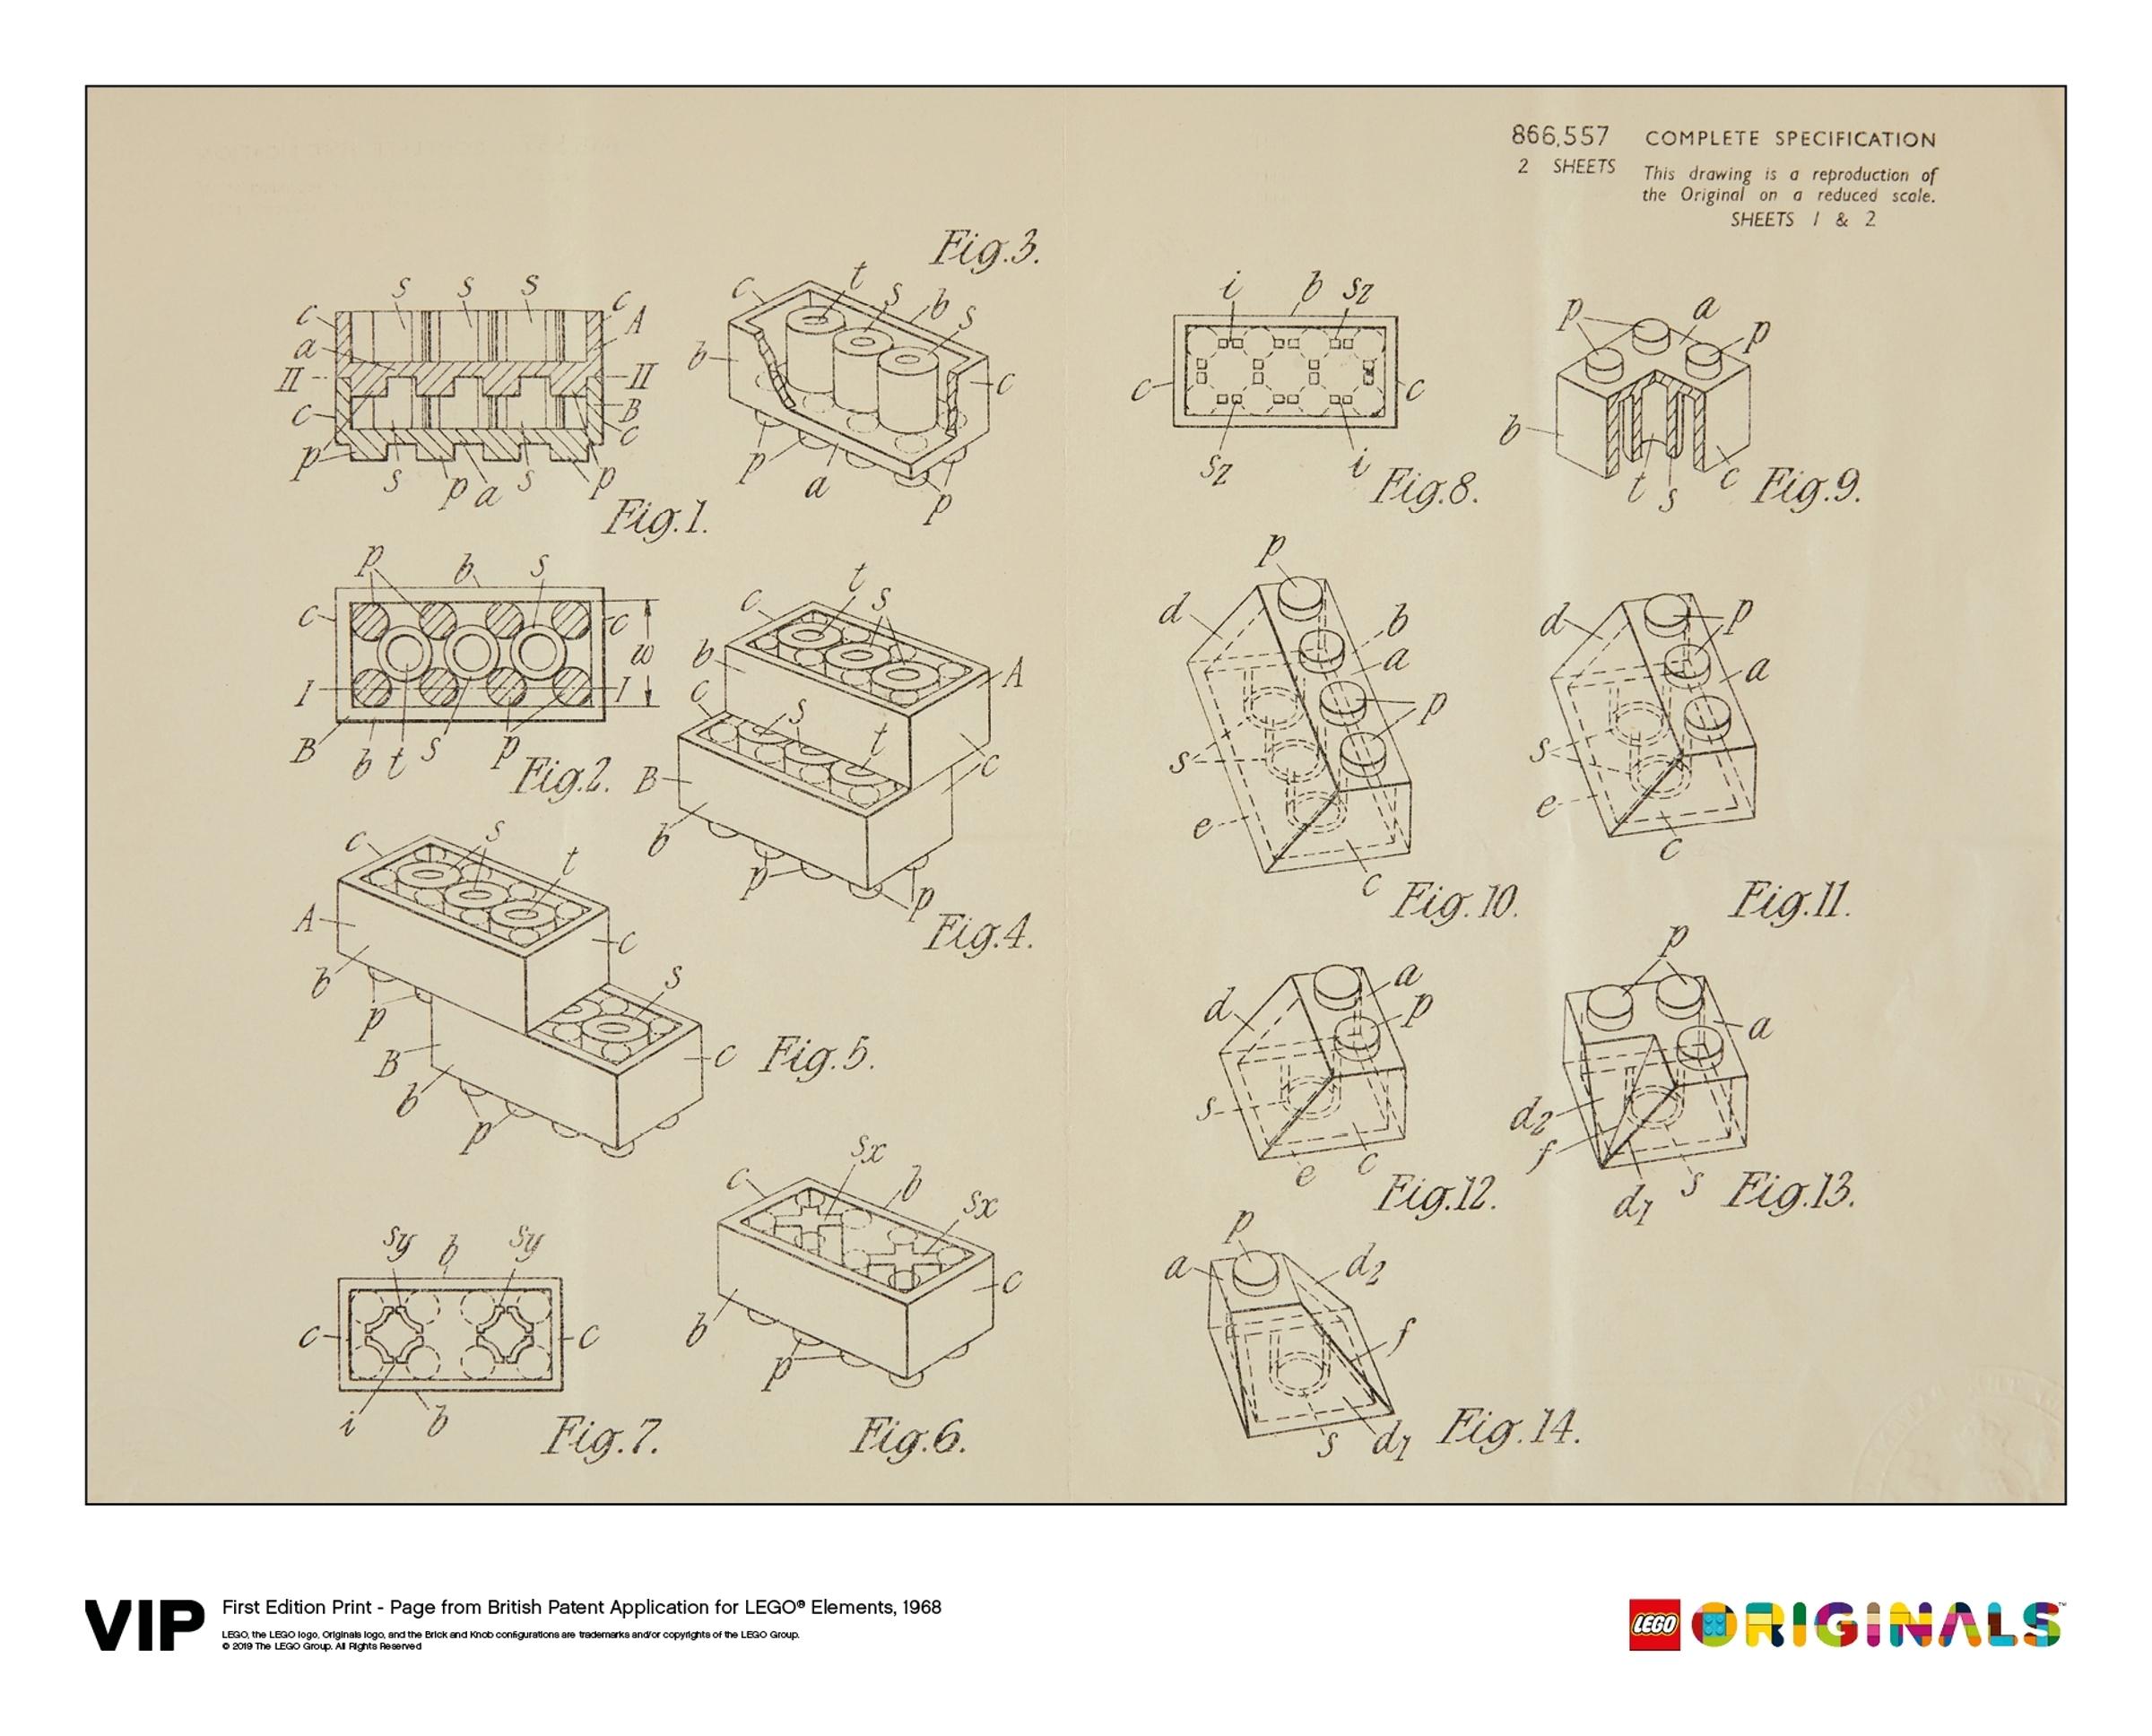 lego 5006004 brittilainen patenttipiirros 1968 1 painos